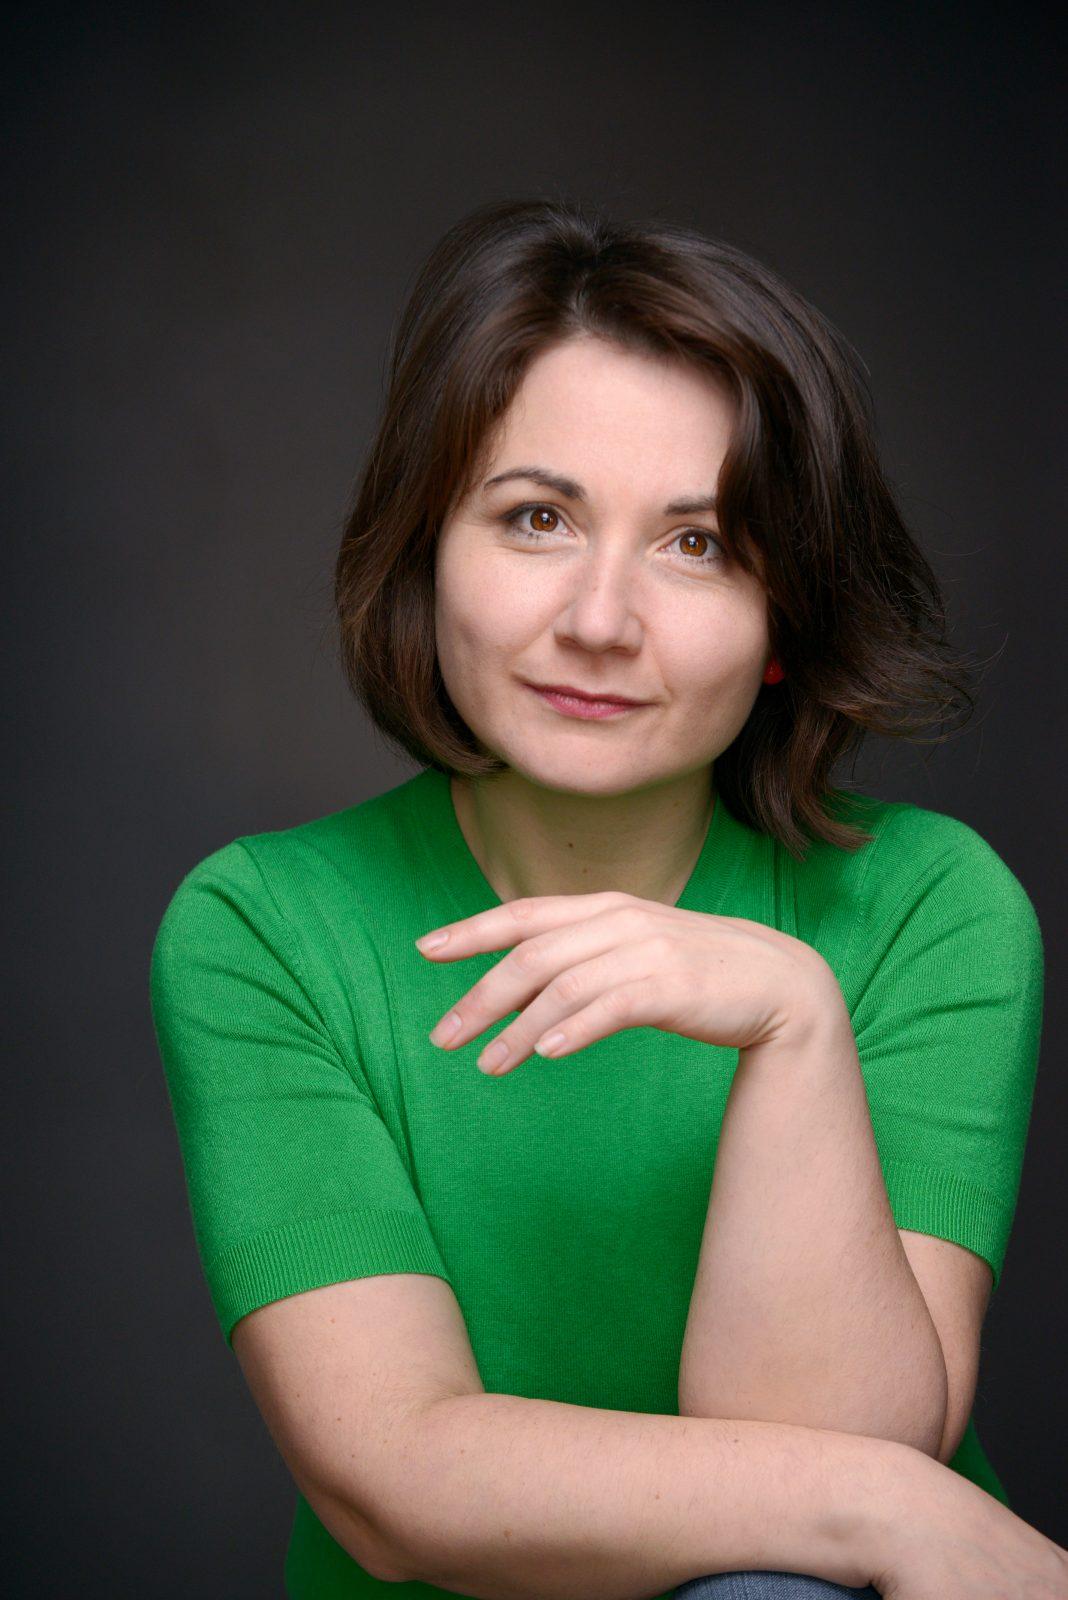 Isabelle Lapointe reçoit un prix littéraire